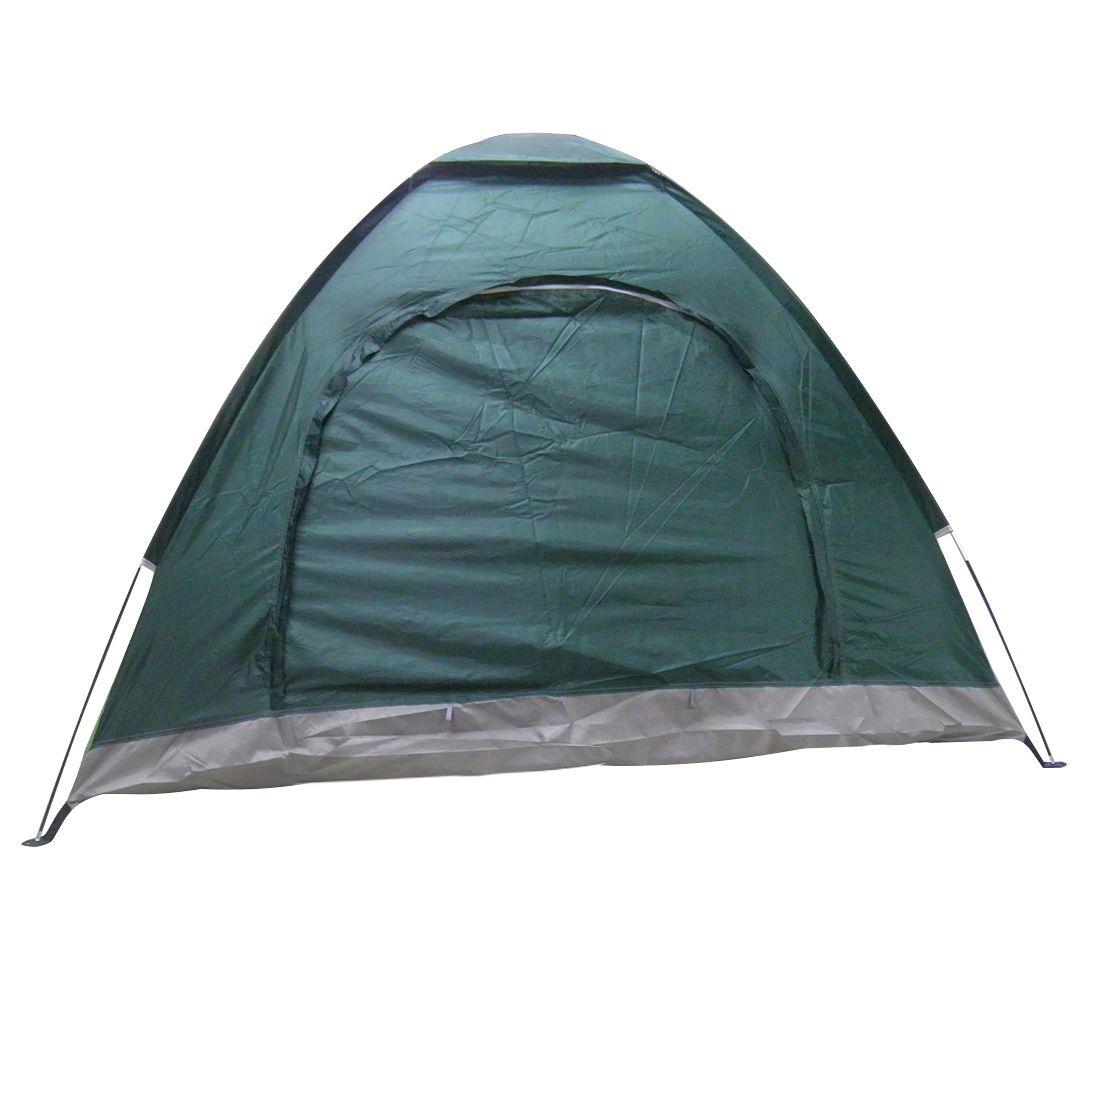 Barraca de Camping 4 Pessoas Viagem Acampamento Ferias Passeio verao